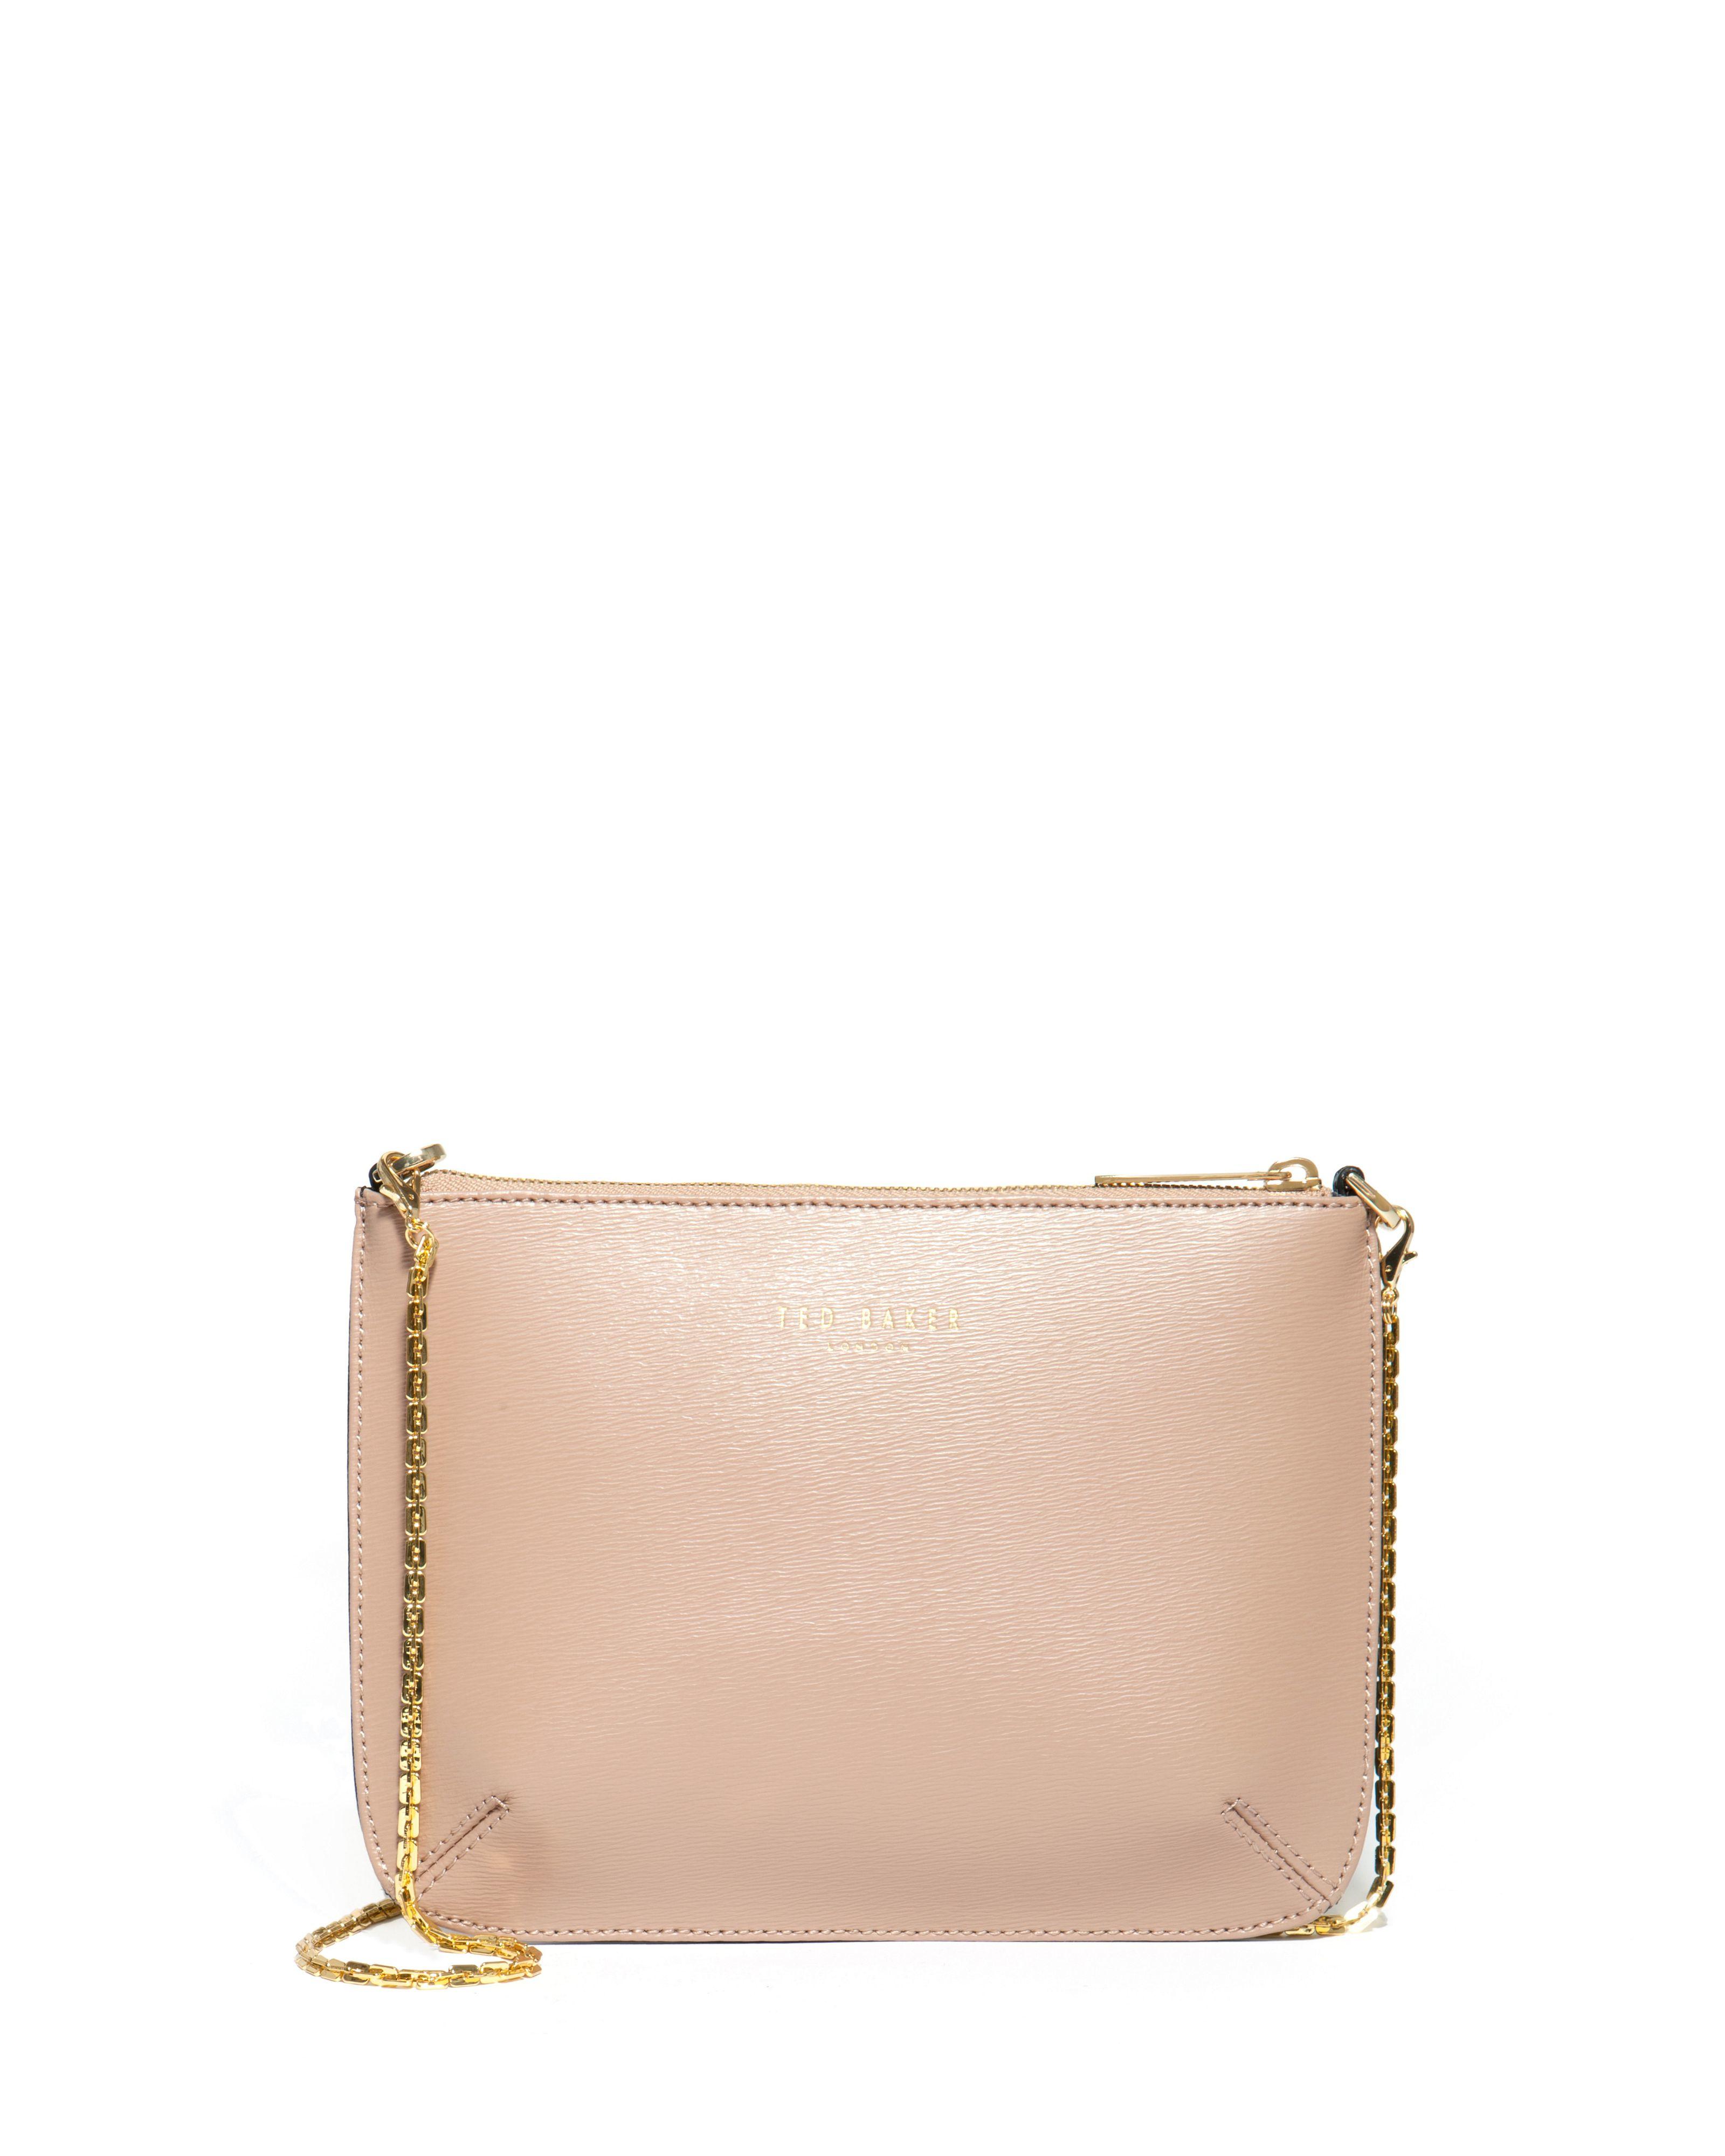 ted baker becky crosshatch clutch bag in beige cream lyst. Black Bedroom Furniture Sets. Home Design Ideas